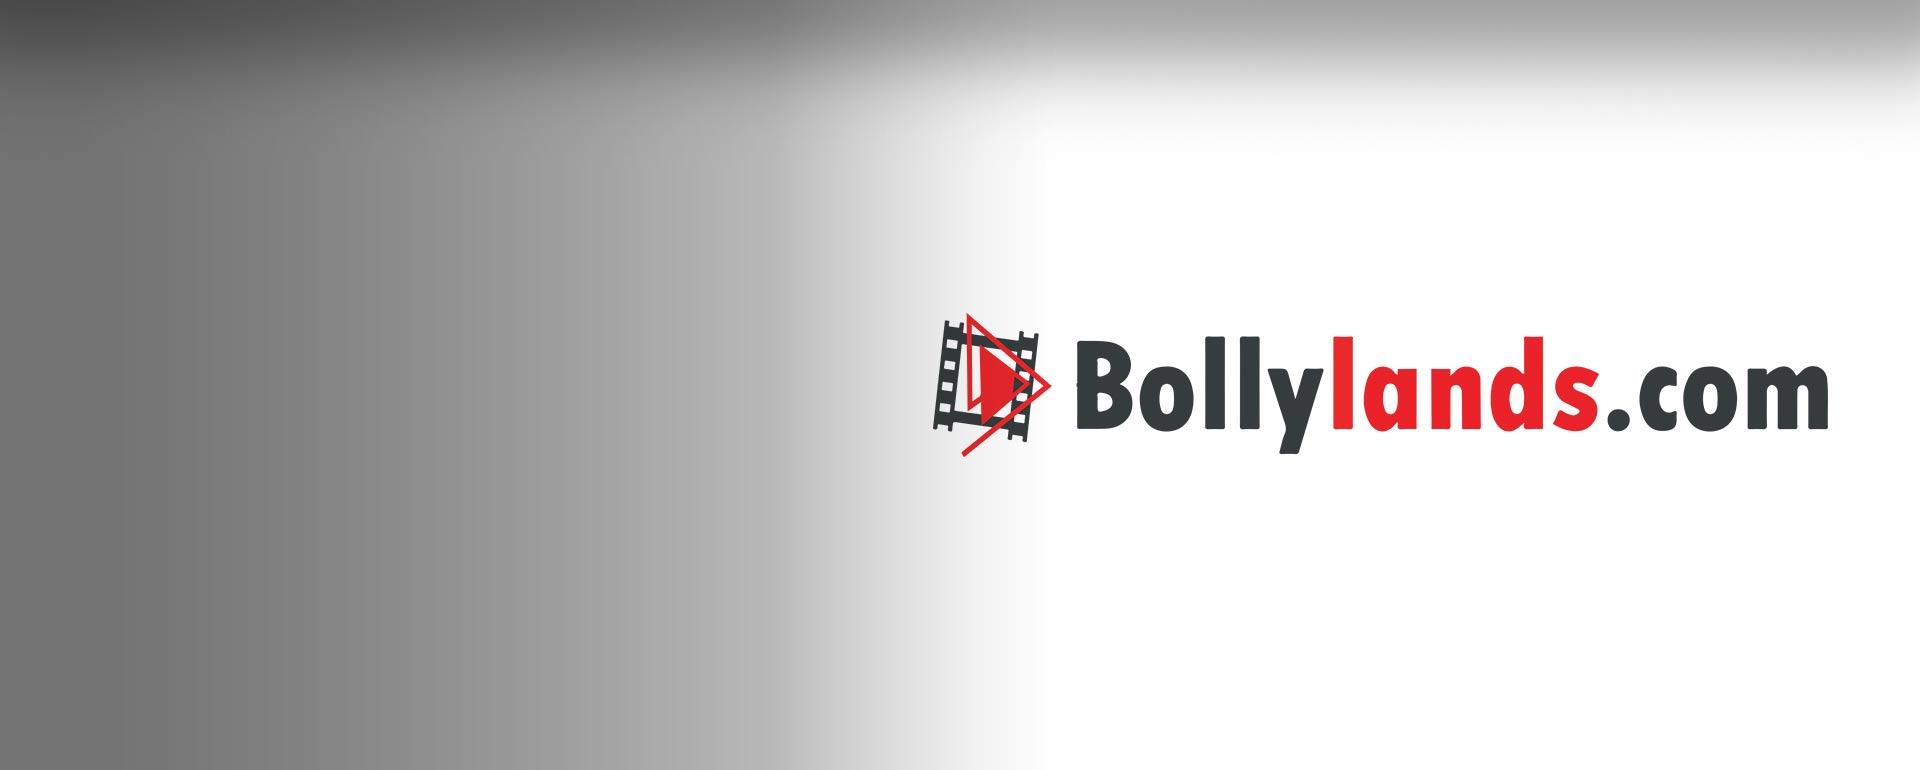 Bollylands.com